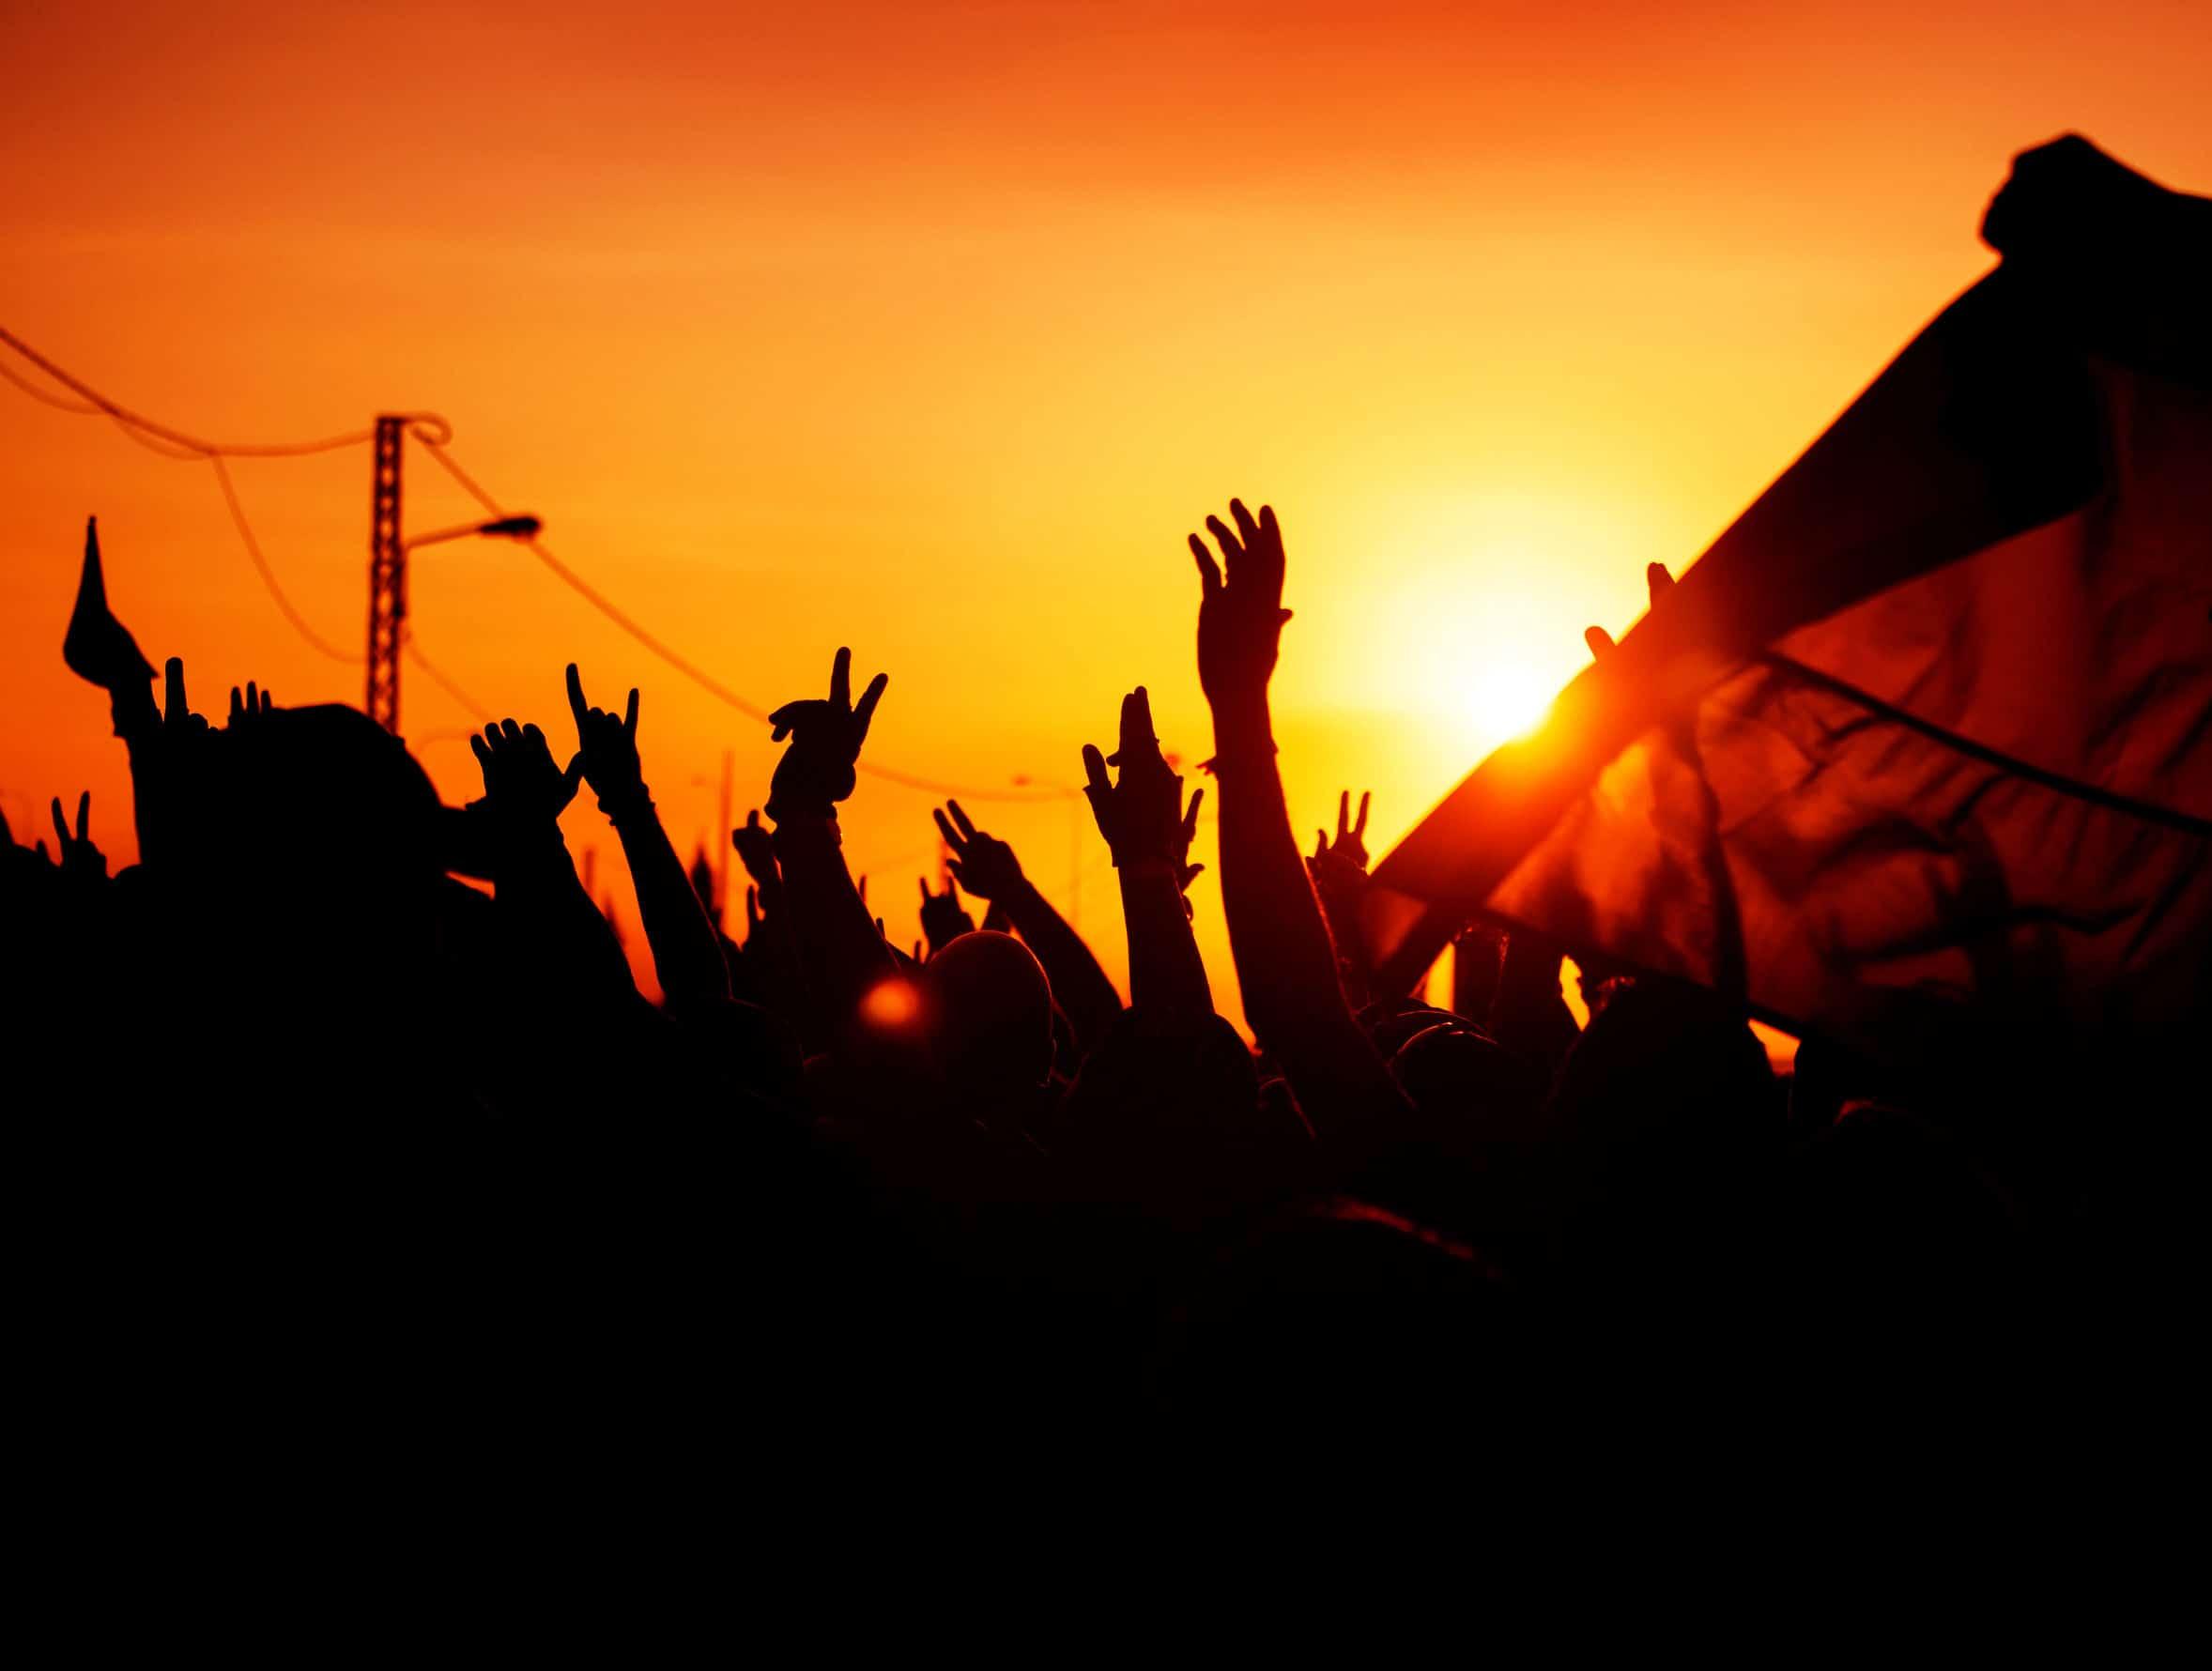 grupo de pessoas unidas em protesto, com as mãos levantadas, tendo uma delas levantando uma bandeira.